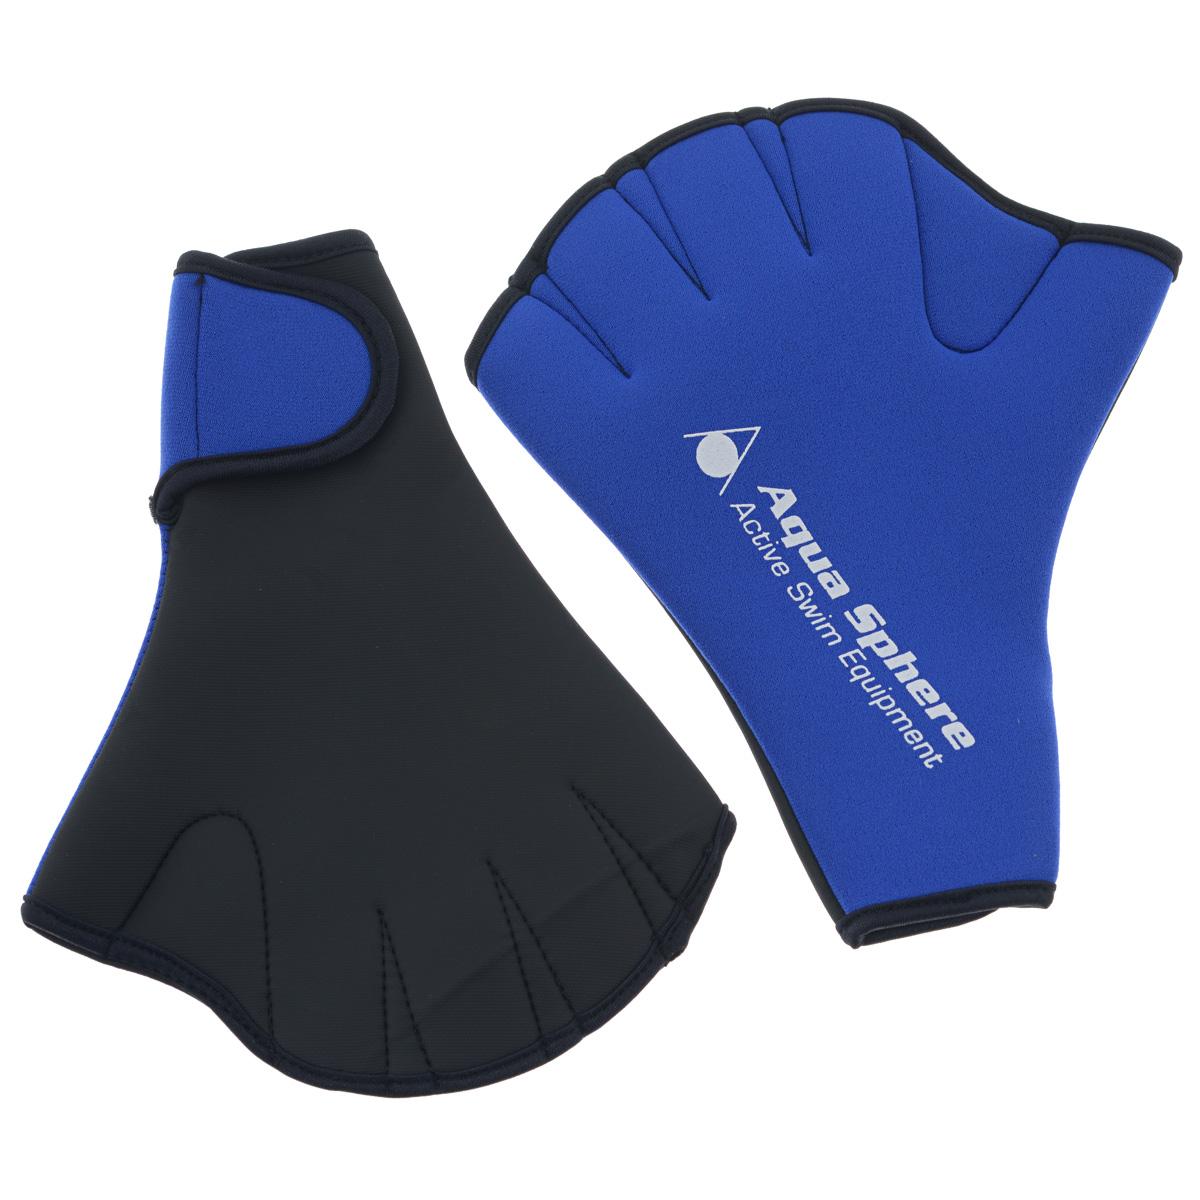 Перчатки для рук Aqua Sphere Swim Glove, цвет: синий. Размер S цена